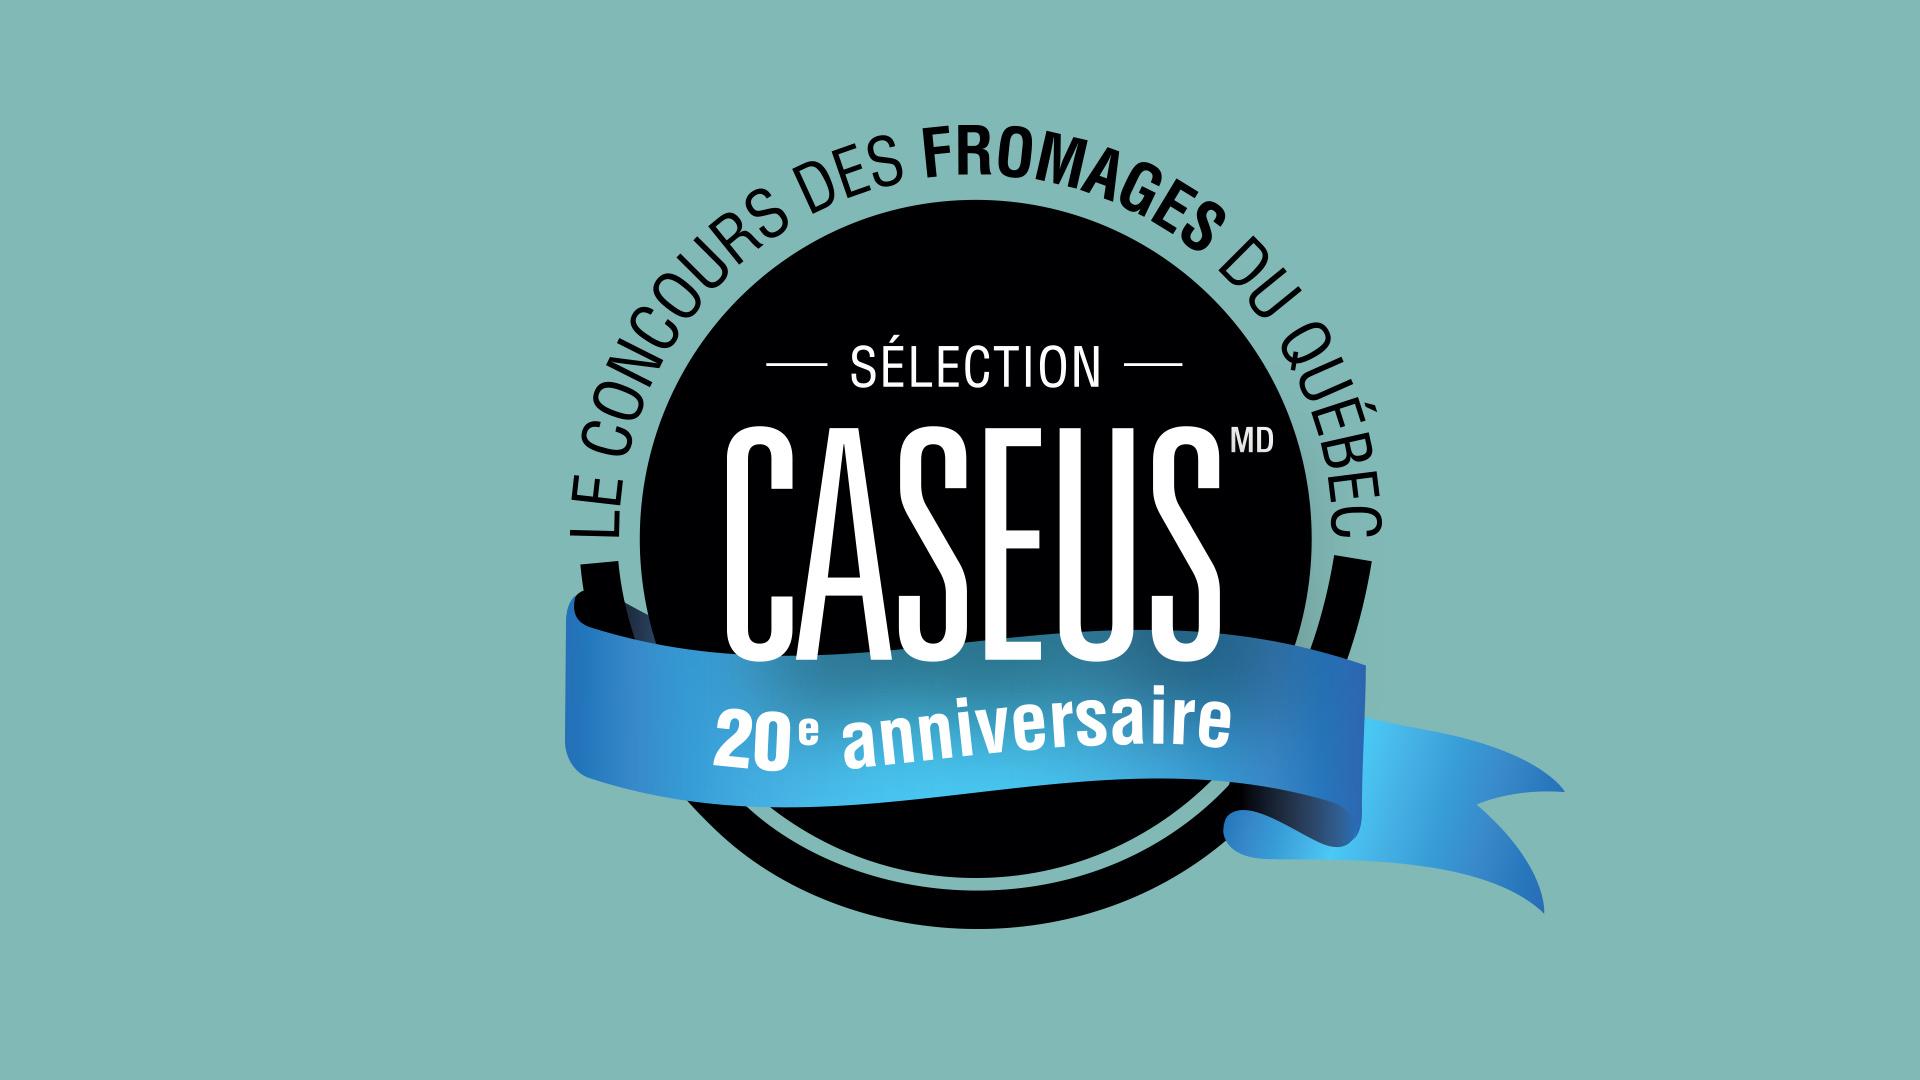 Lauréats de la 20eédition du concours sélection Caseus